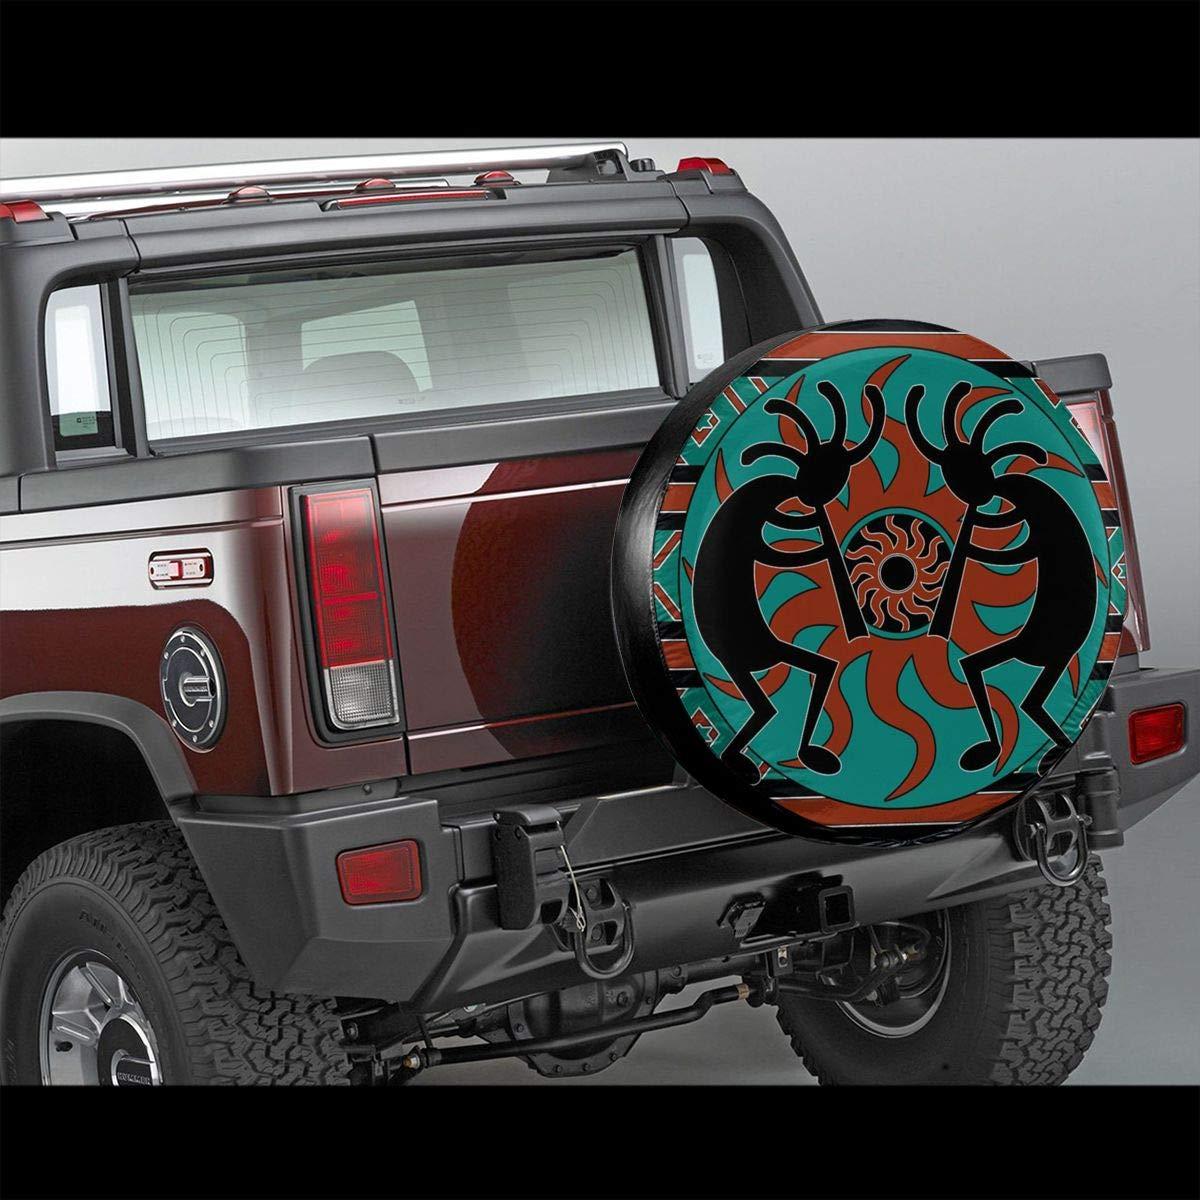 Indianer I-n-d-i-a-n S/üdwesten Reserveradabdeckung Reifenschutz Passt Reifendurchmesser 17 Zoll